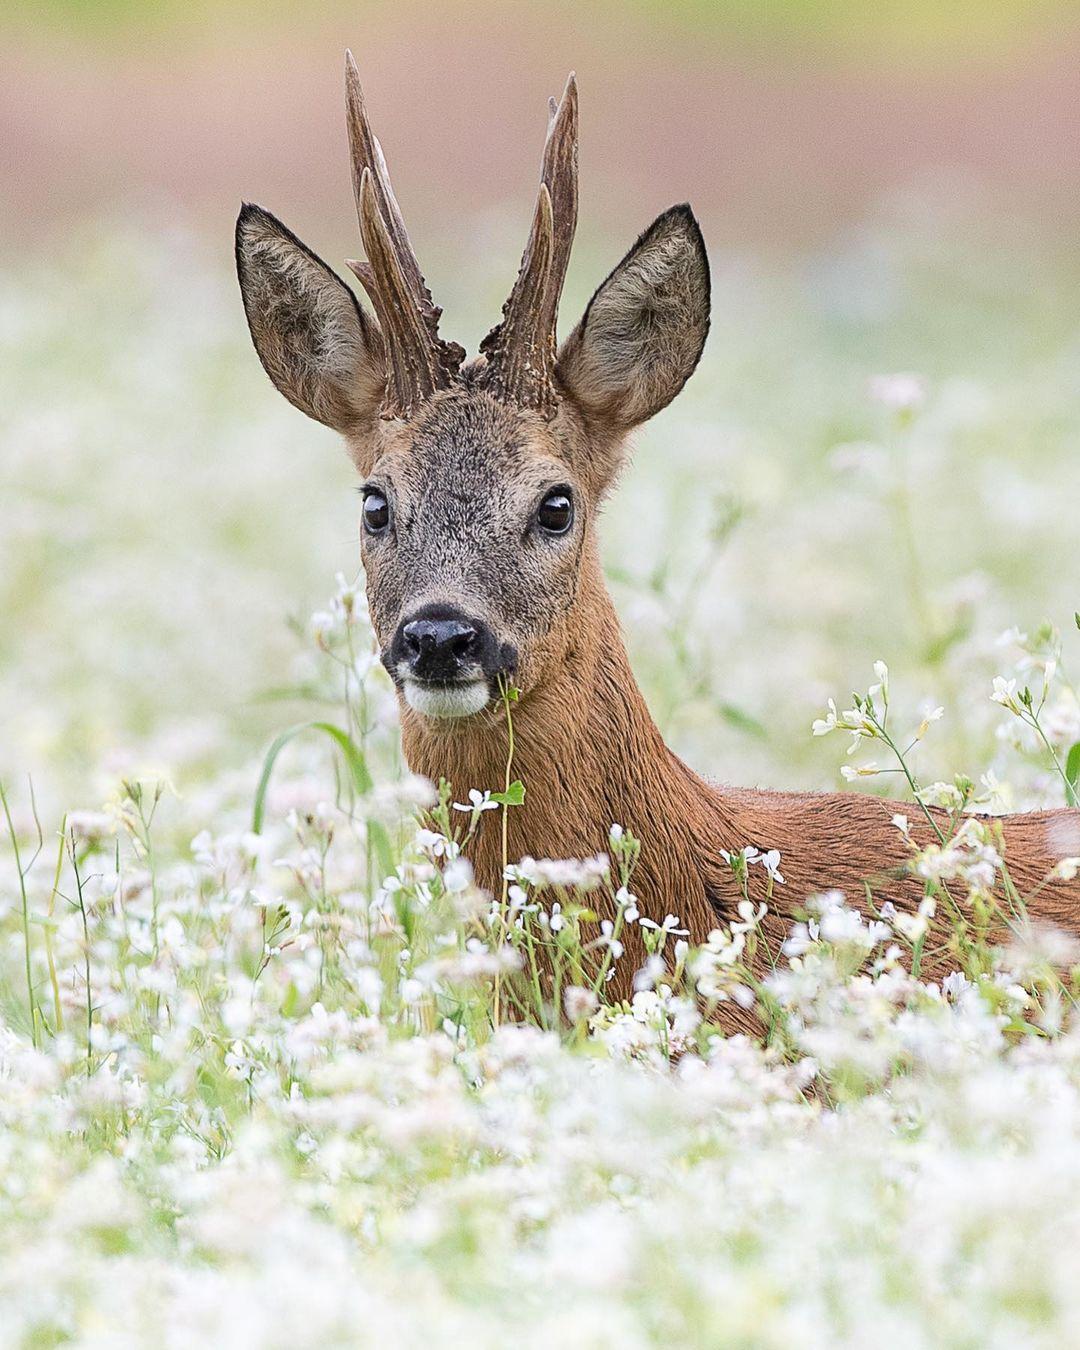 Красивые дикие животные на снимках Дика Ван Дуйна Duijn, Своими, появилась, впервые, Дуйна, снимках, животные, дикие, Красивые, httpswwwinstagramcomdickvanduijnЗапись, человек12345678910111213141516171819202122232425Источник, более, Instagram, делится, работами, фотографии, талантливый, ландшафтной, животных, природе